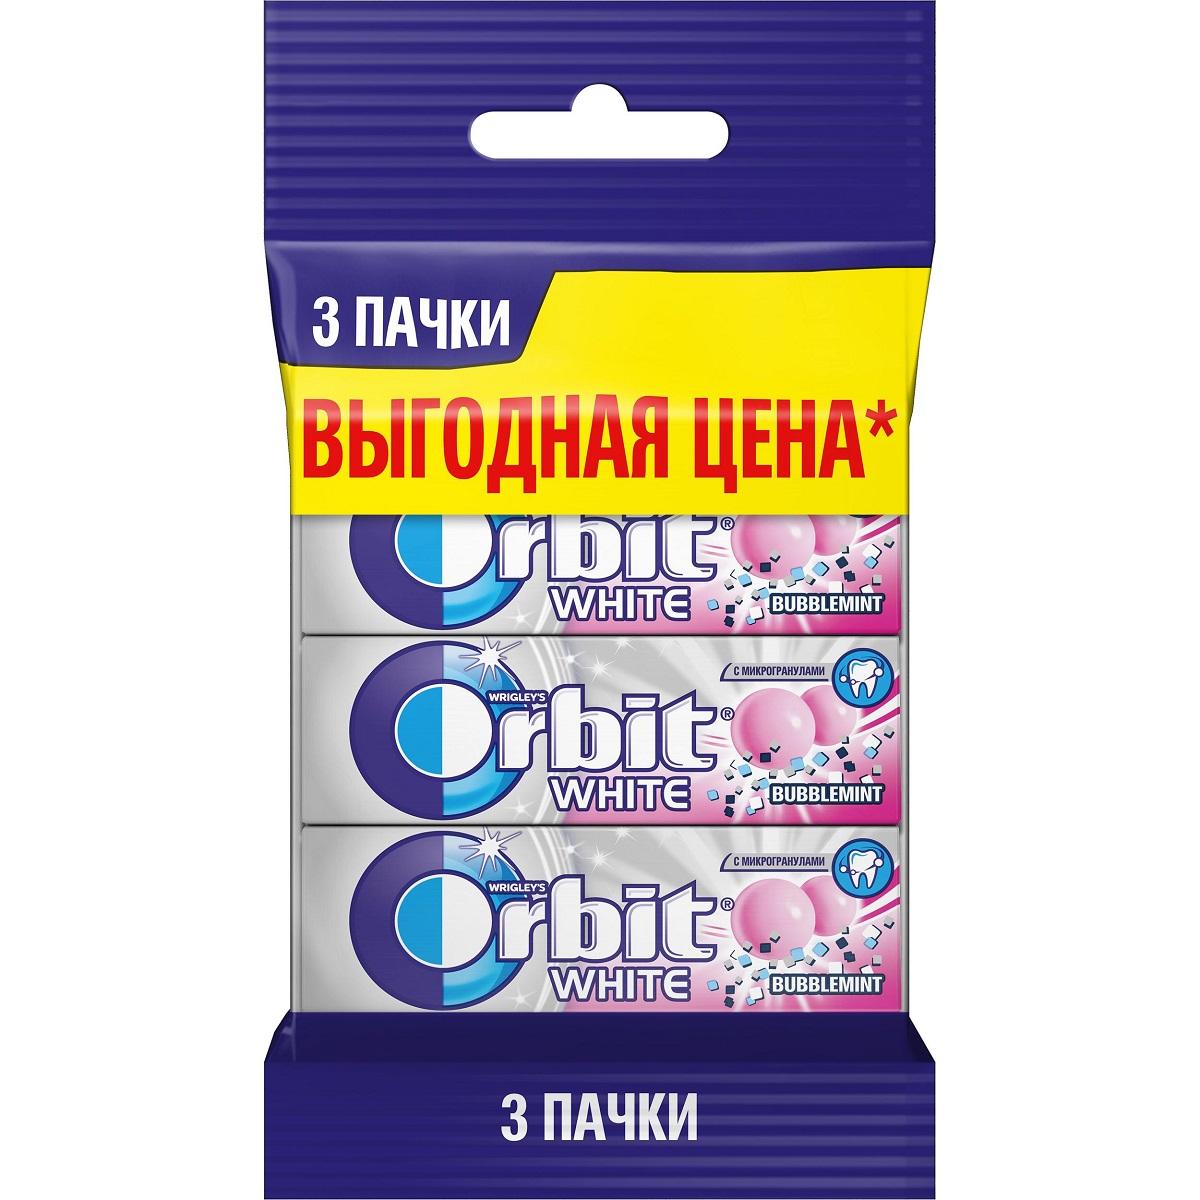 Orbit Bubblemint жевательная резинка без сахара 3 пачки по 13,6 г3 пачкиЖевательная резинка Orbit® Белоснежный Bubblemint без сахара способствует поддержанию здоровья зубов: удаляет остатки пищи, способствует уменьшению зубного налета, нейтрализует вредные кислоты, усиливает процесс реминерализации эмали. *Употребление жевательной резинки каждый раз после еды способствует поддержанию чистоты и здоровья зубов в дополнение к уходу за ротовой полостью с помощью зубной щетки